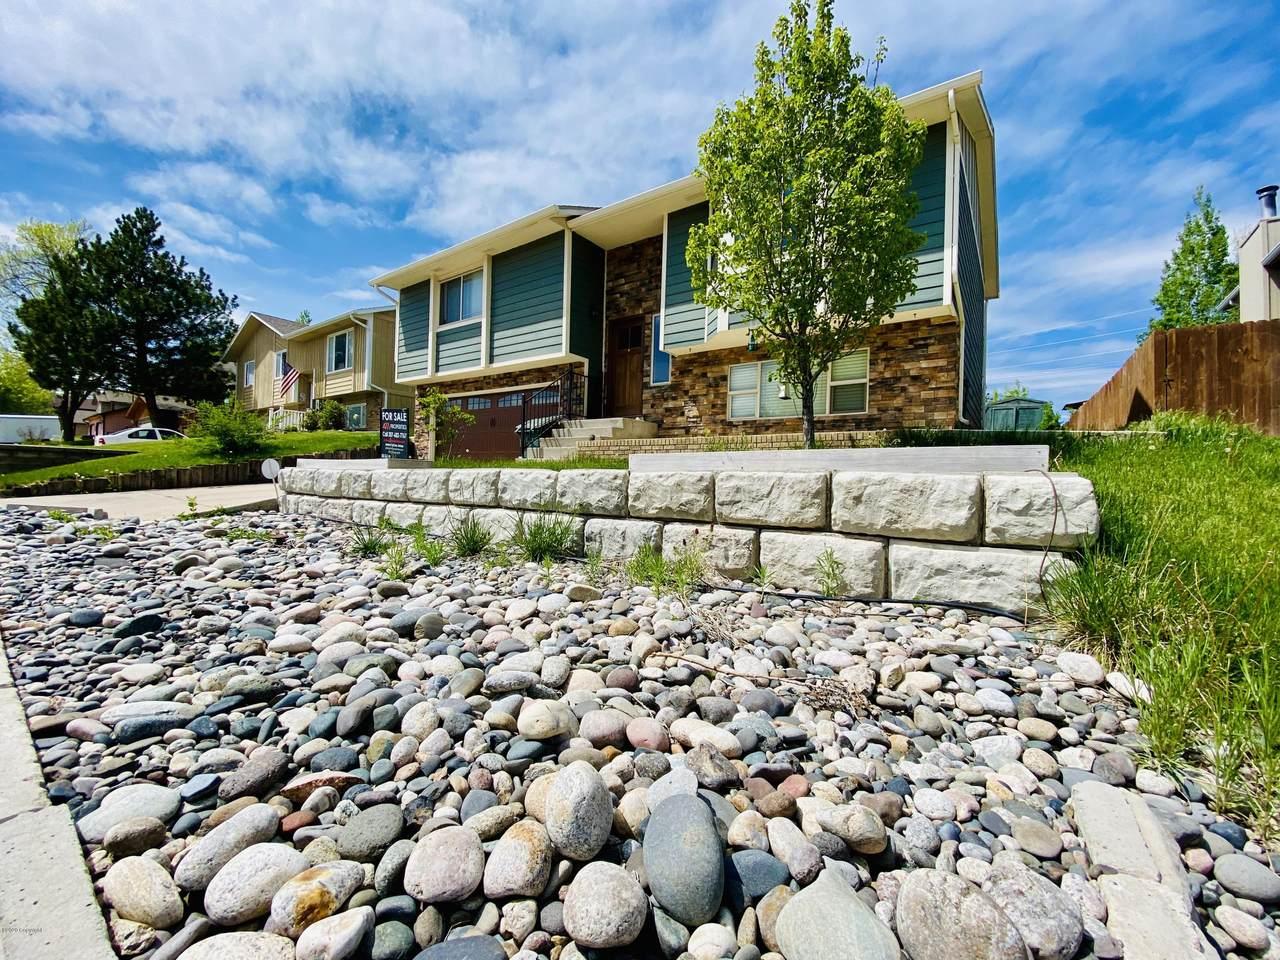 906 W Granite St - Photo 1